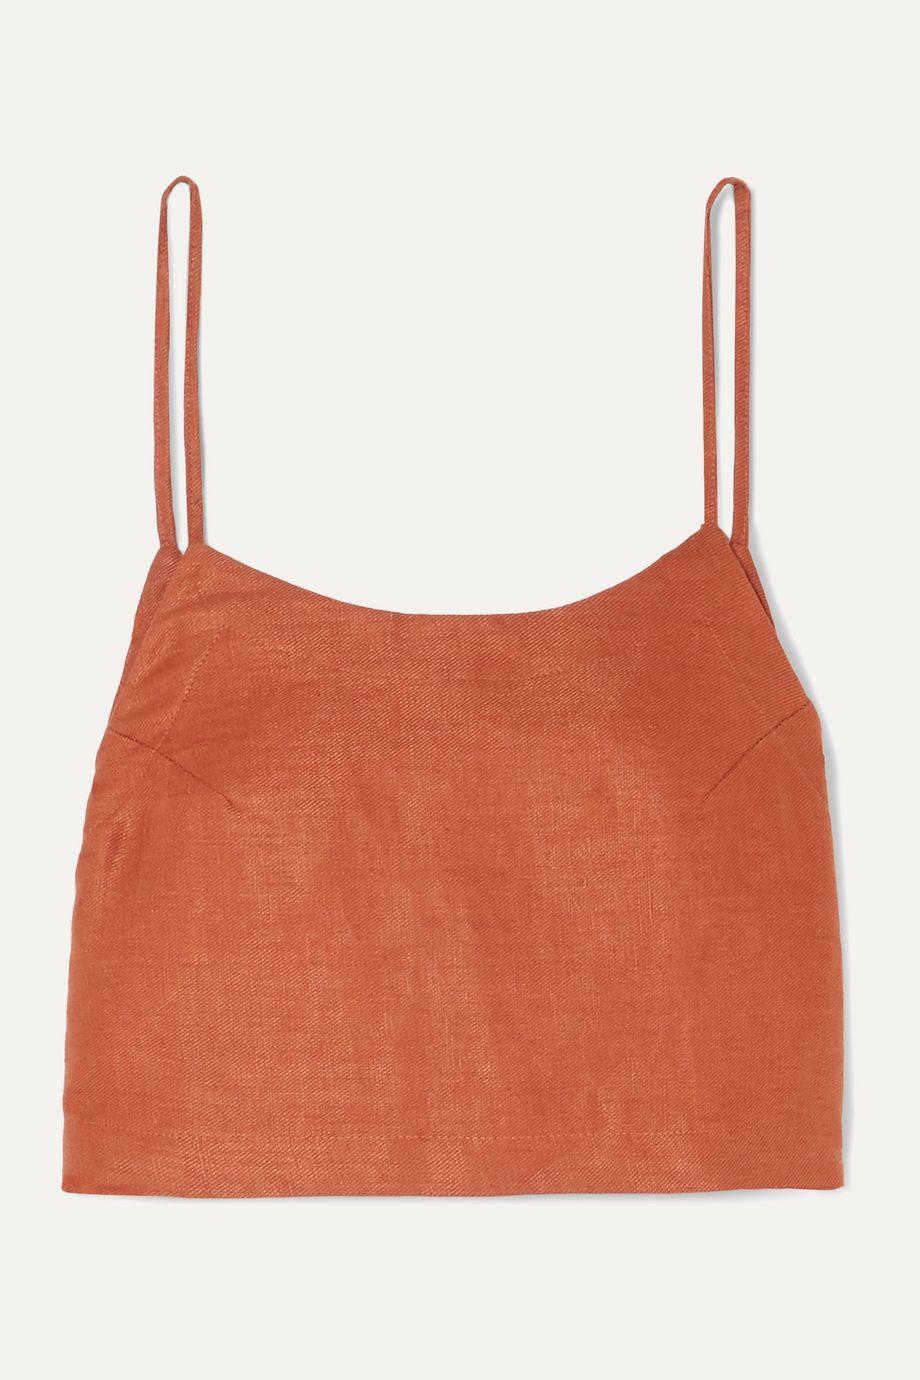 BONDI BORN Cropped linen-twill camisole